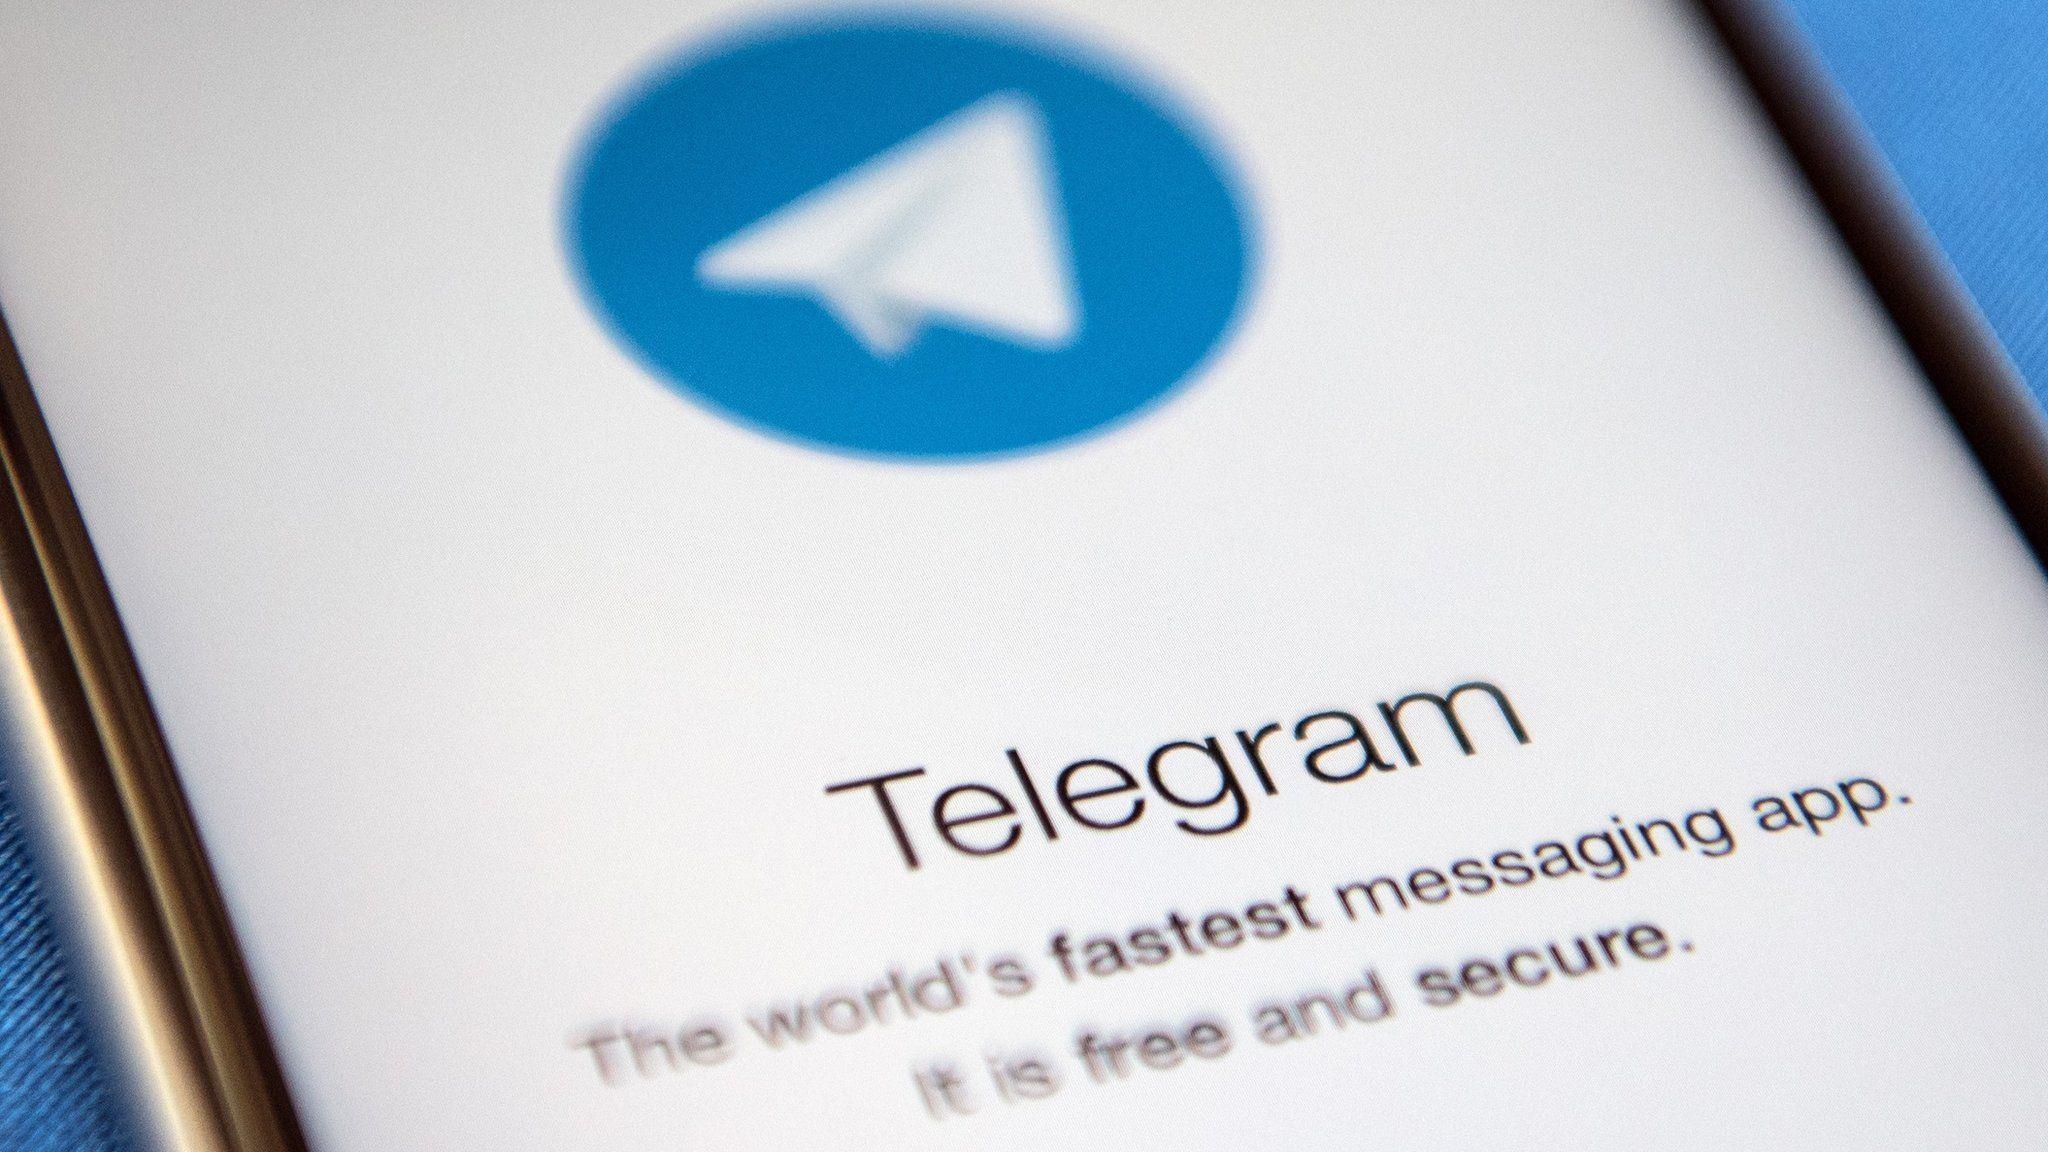 Apple removes Telegram from app store - BBC News